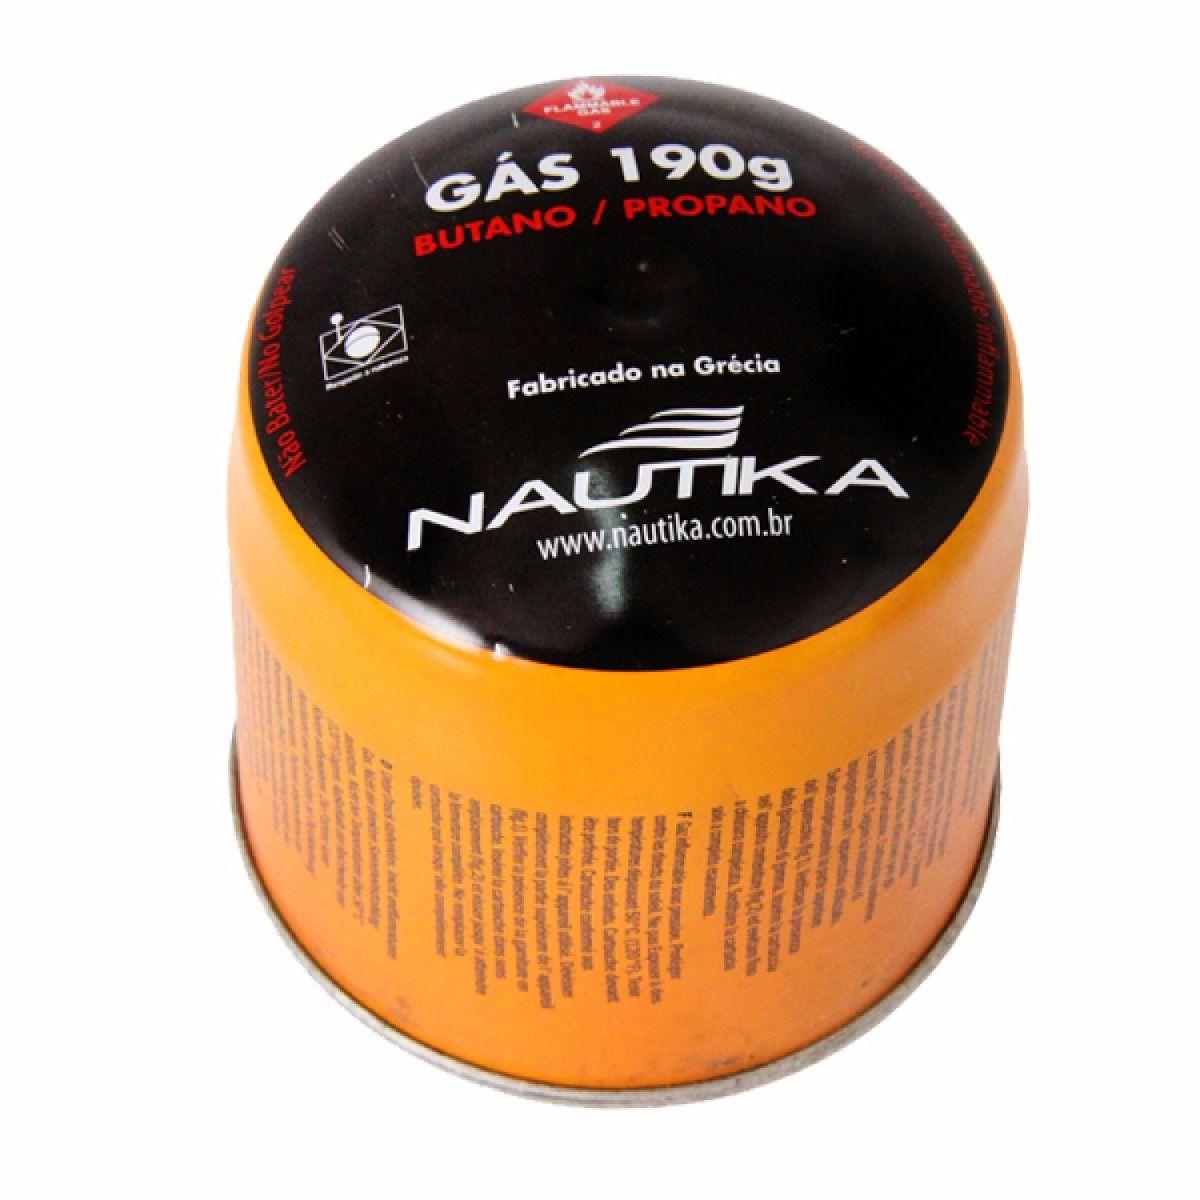 Recarga Gás - Butano 190g